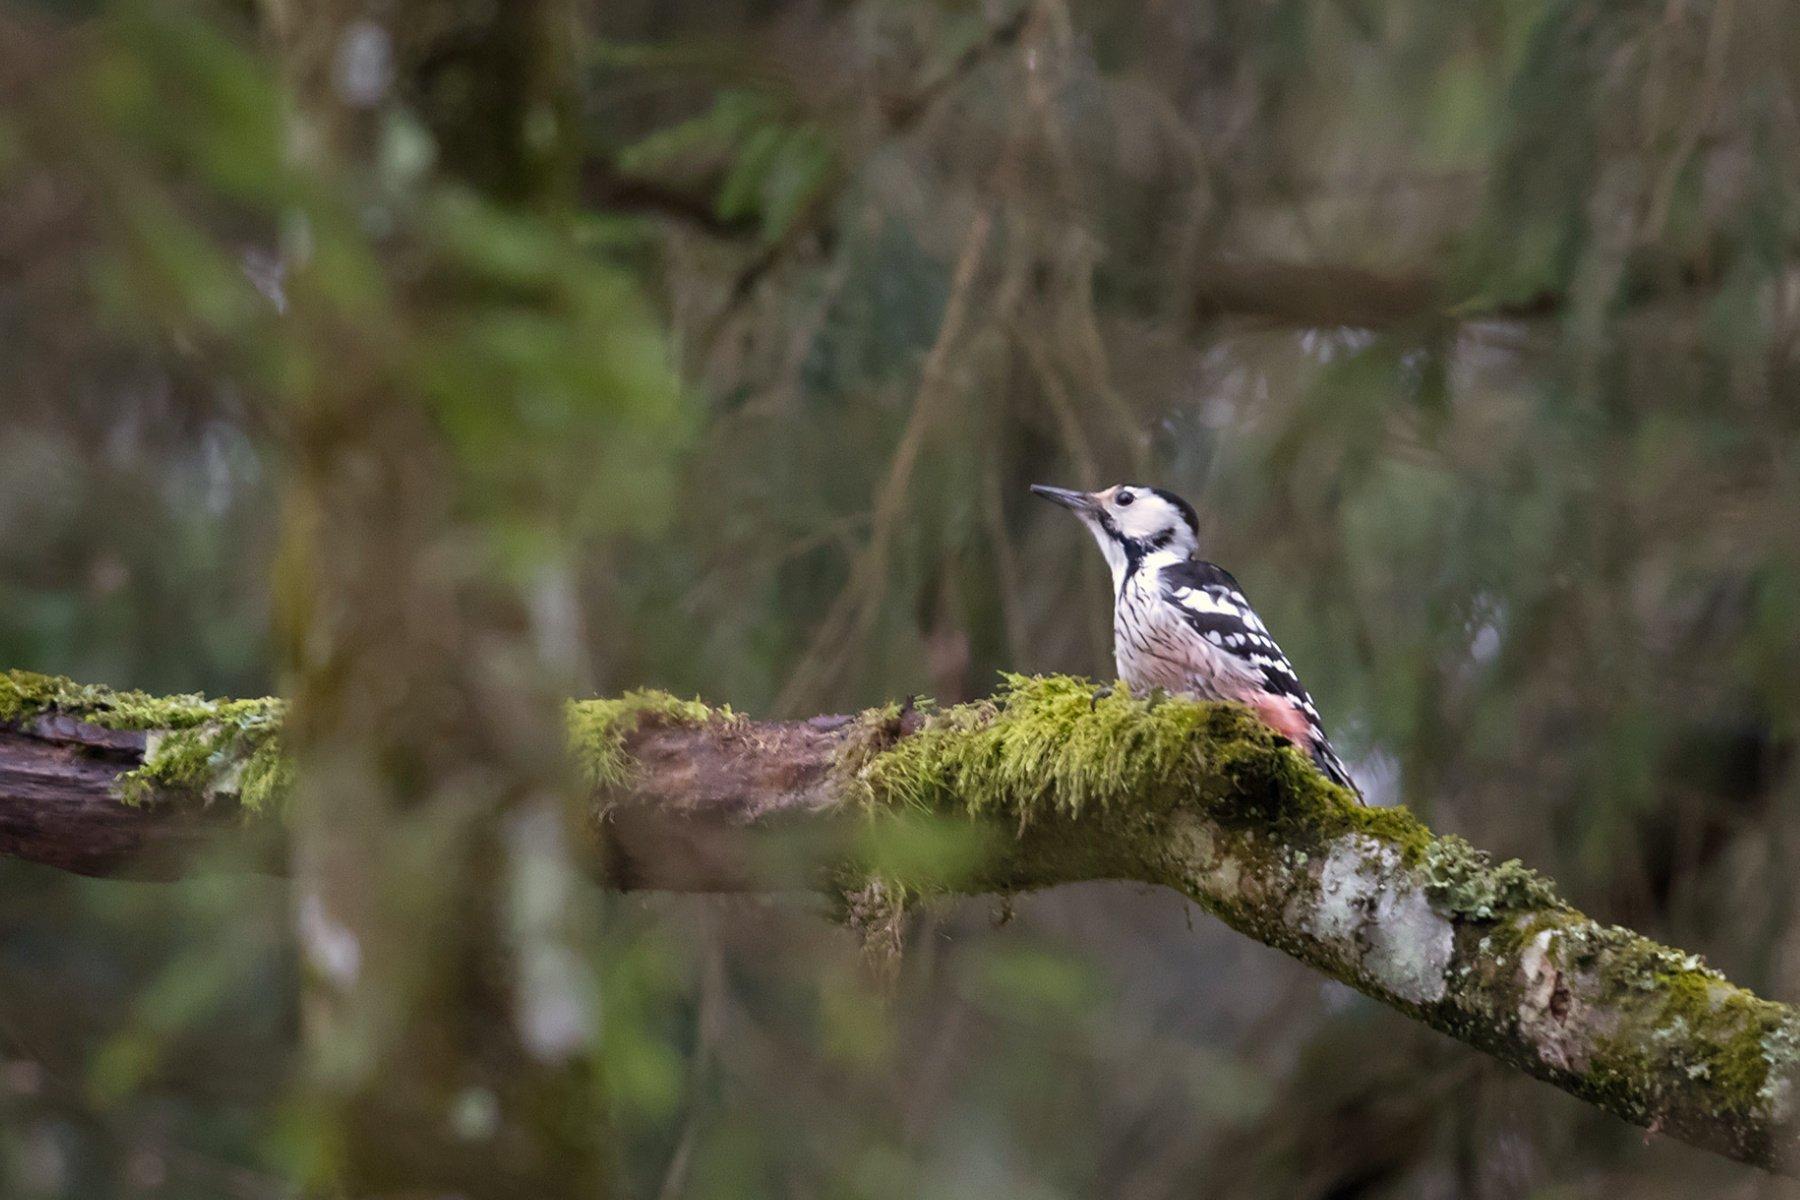 Ein schwarz-rot-weißer Vogel sitzt auf einem moosbewachsenen Ast.